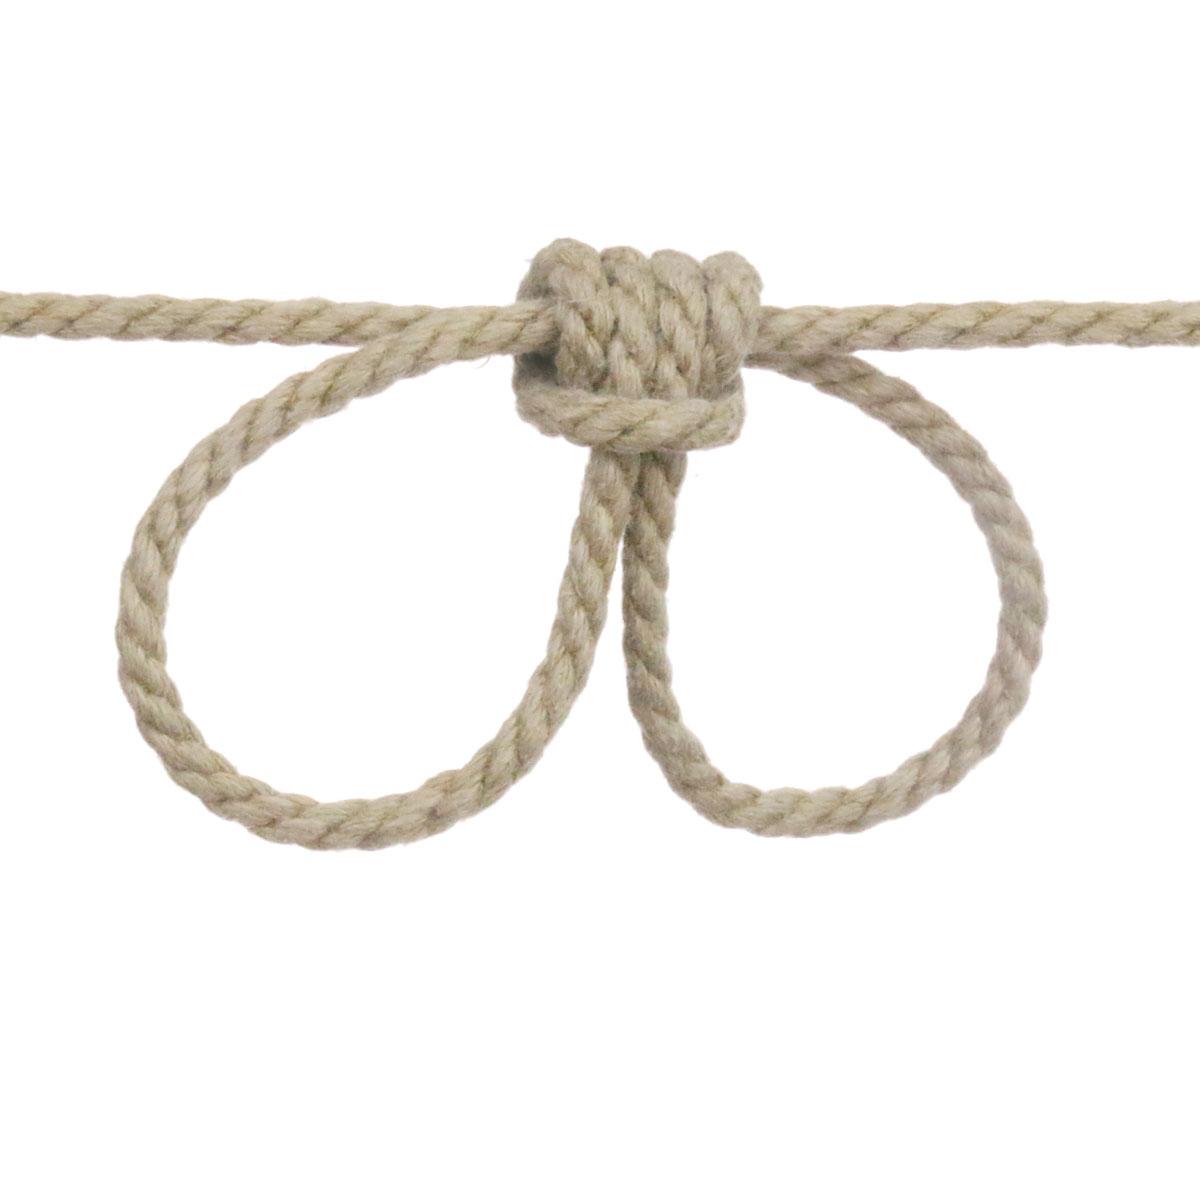 Prusik-Handcuffs